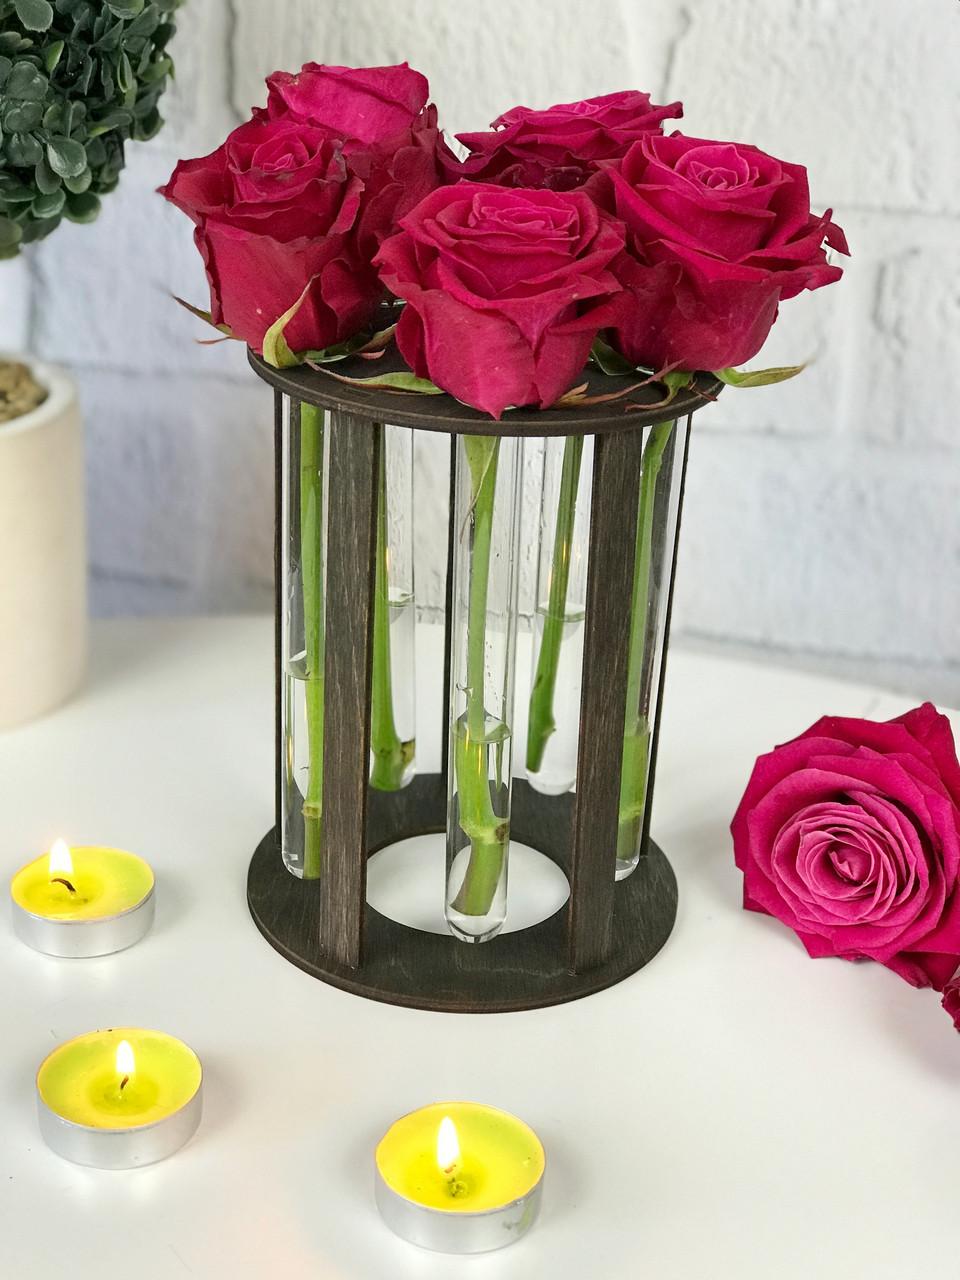 Именная подставка для цветов из дерева со стеклянными колбами